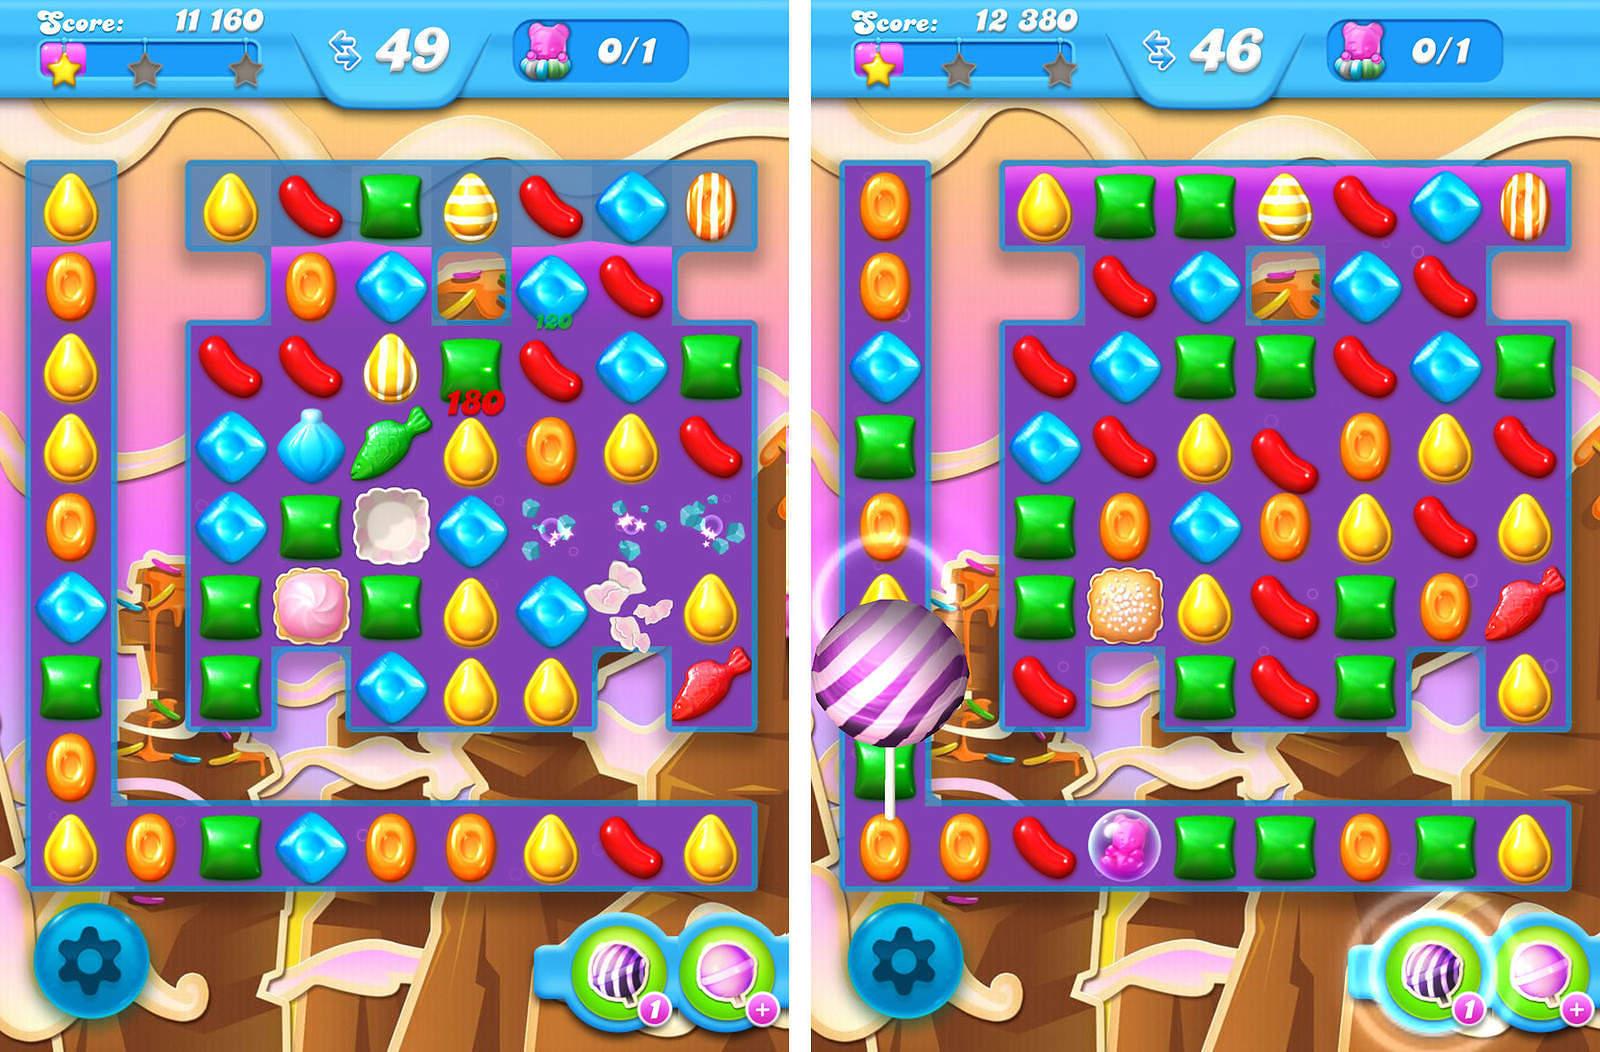 Candy Crush Soda Livello 72 Sezione 3